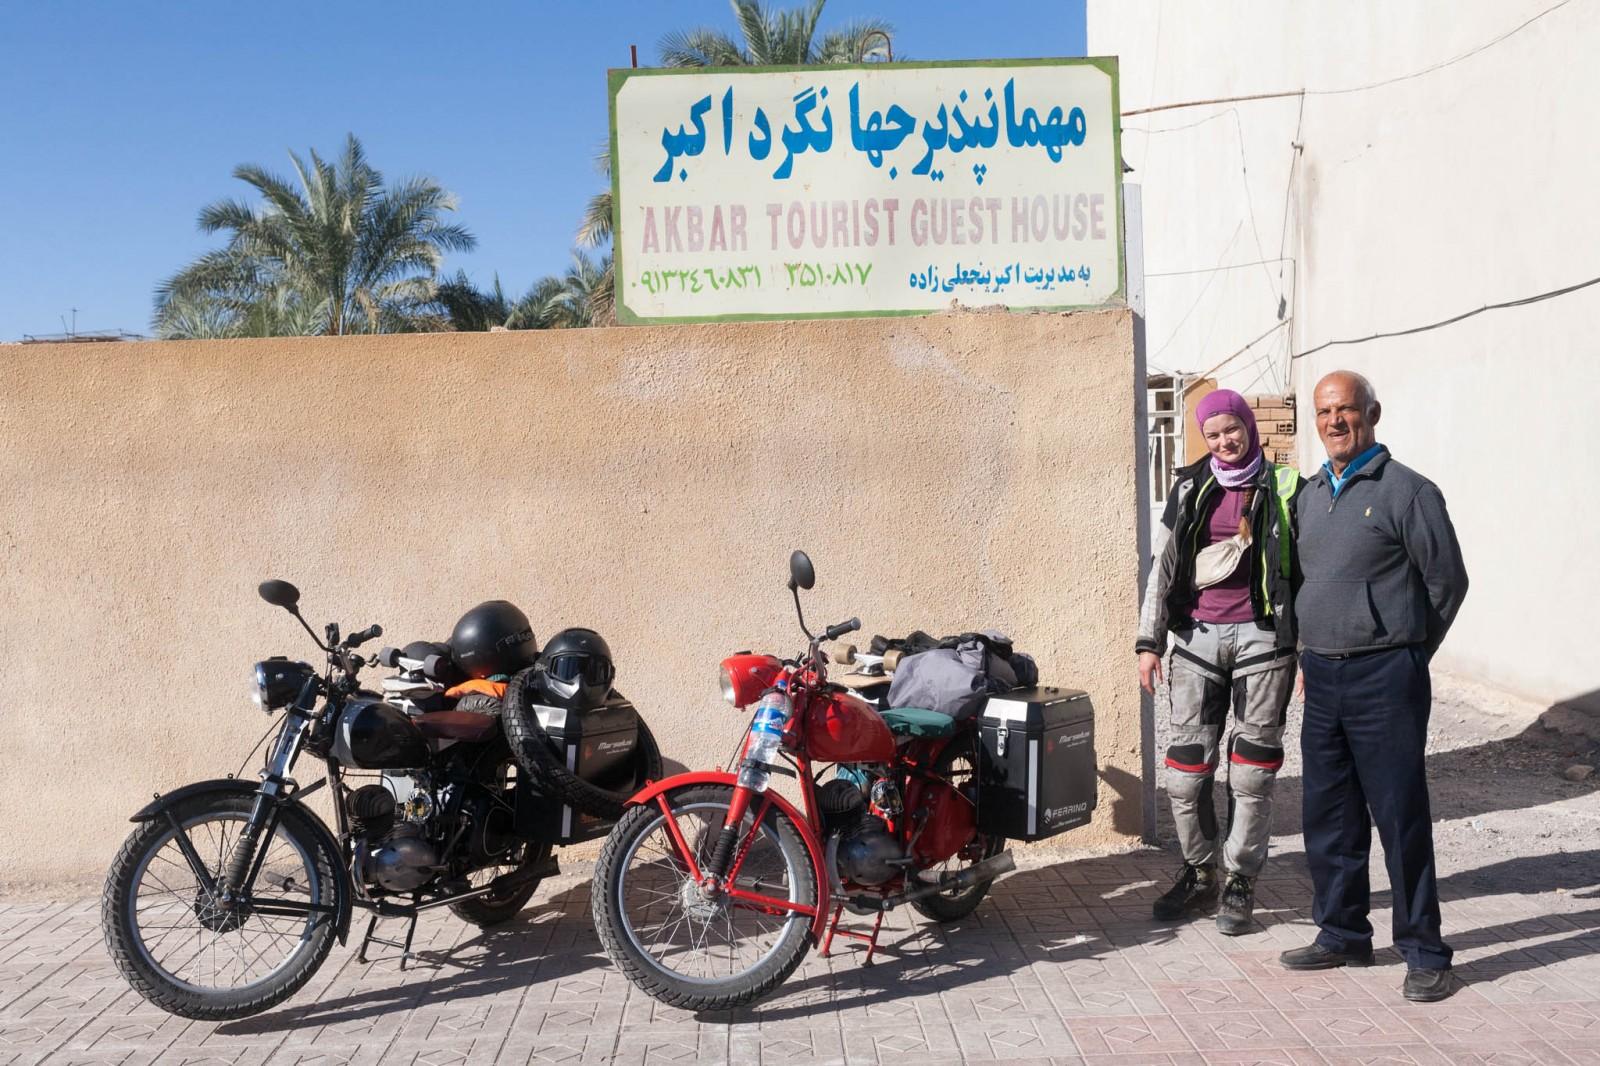 Akbar Tourist Guest House